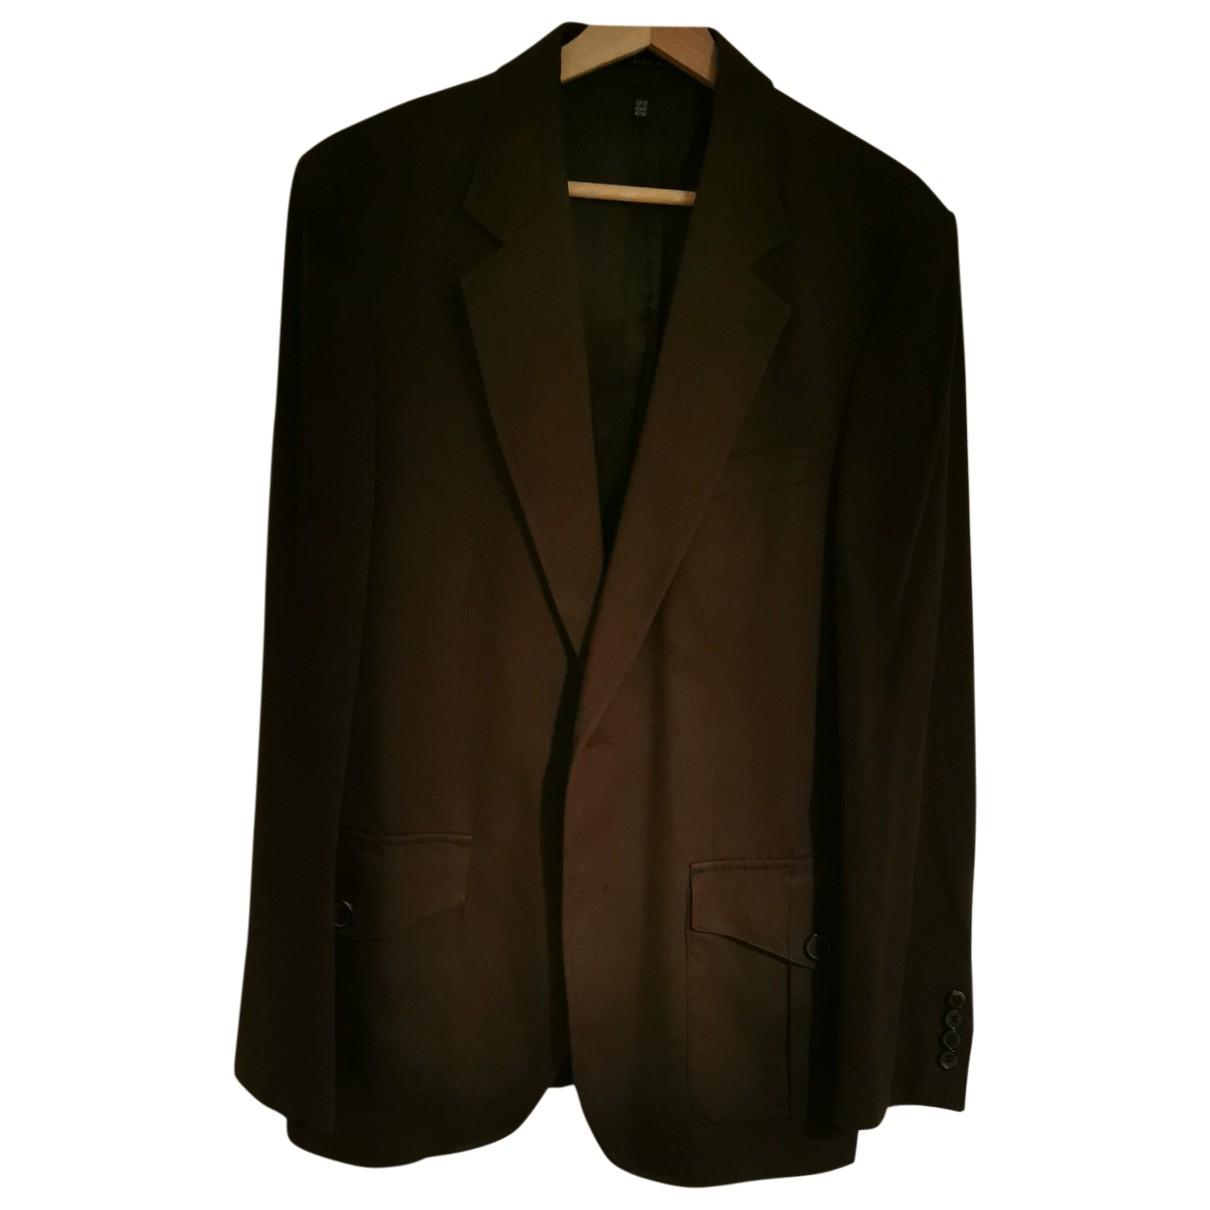 Zara N Brown coat  for Men 40 UK - US